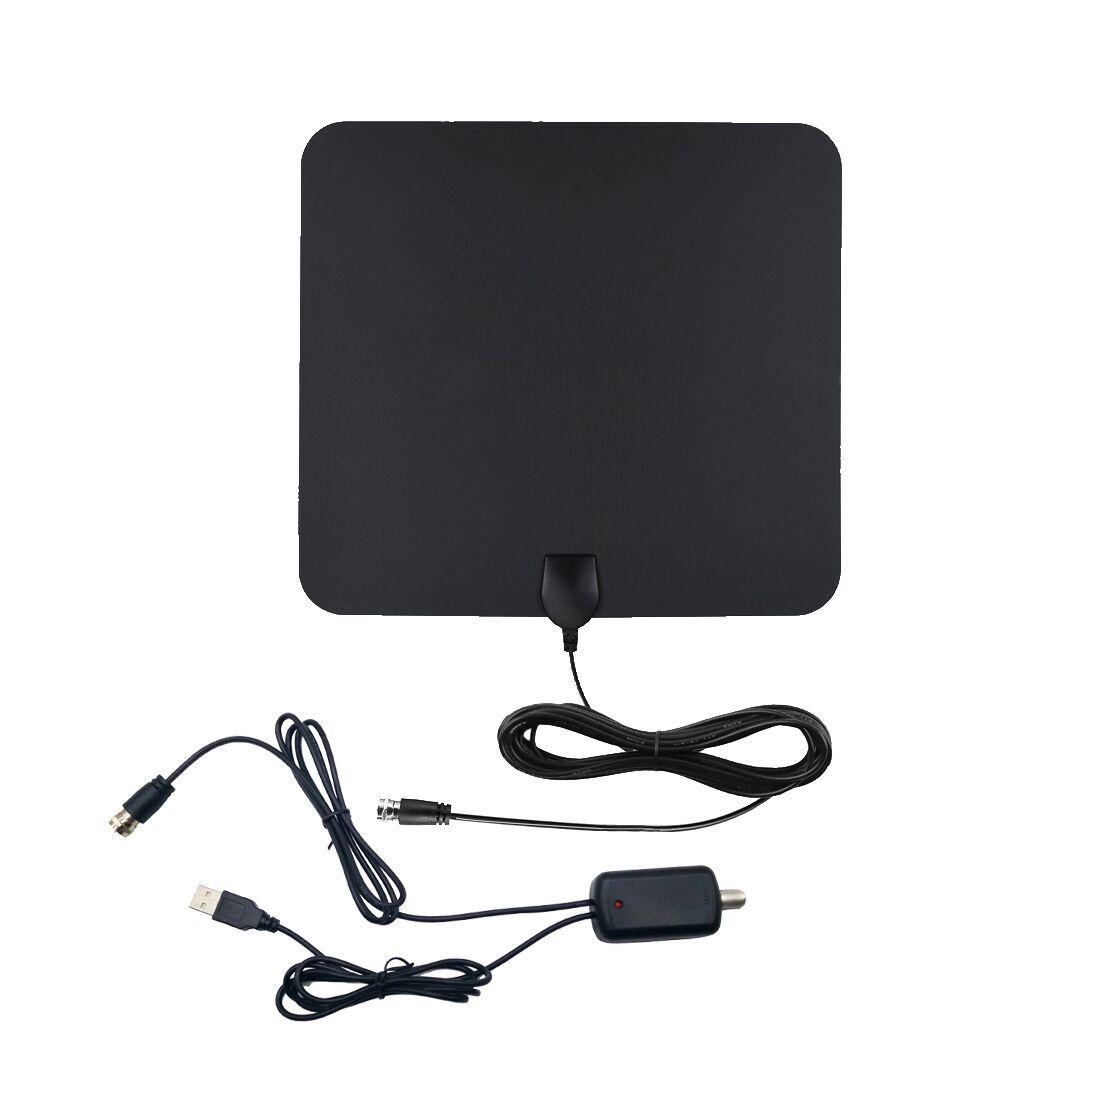 50 miles digtial tv antenne amplified dvb t dvb t2 1080p hdtv fernseher ebay. Black Bedroom Furniture Sets. Home Design Ideas